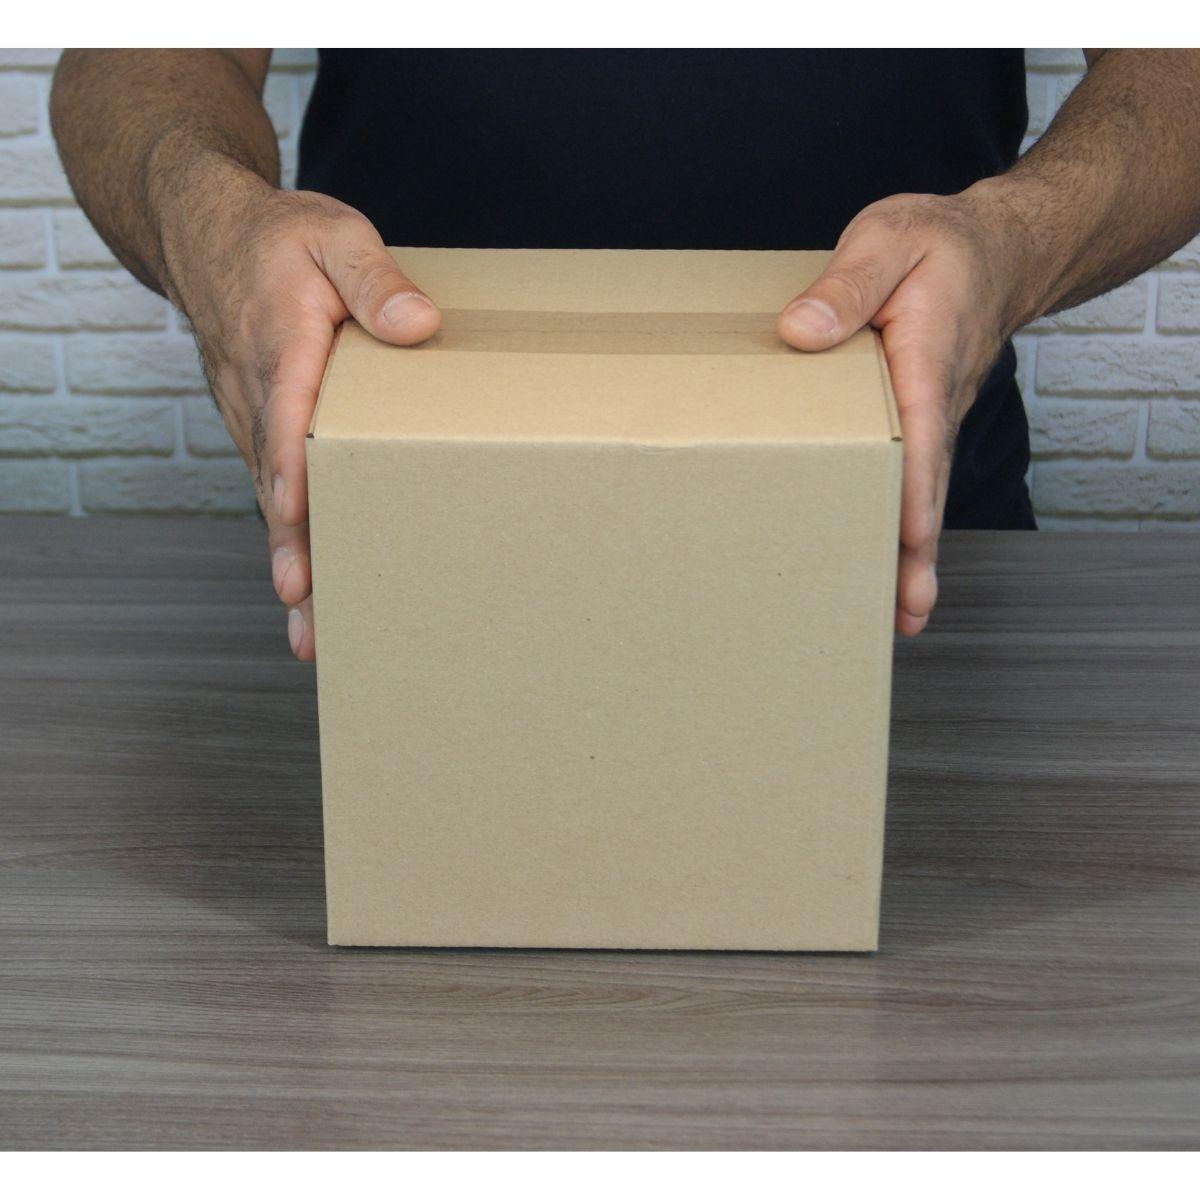 25 Caixas de Papelao (20X20X20)cm - Sedex / Pac / Correios